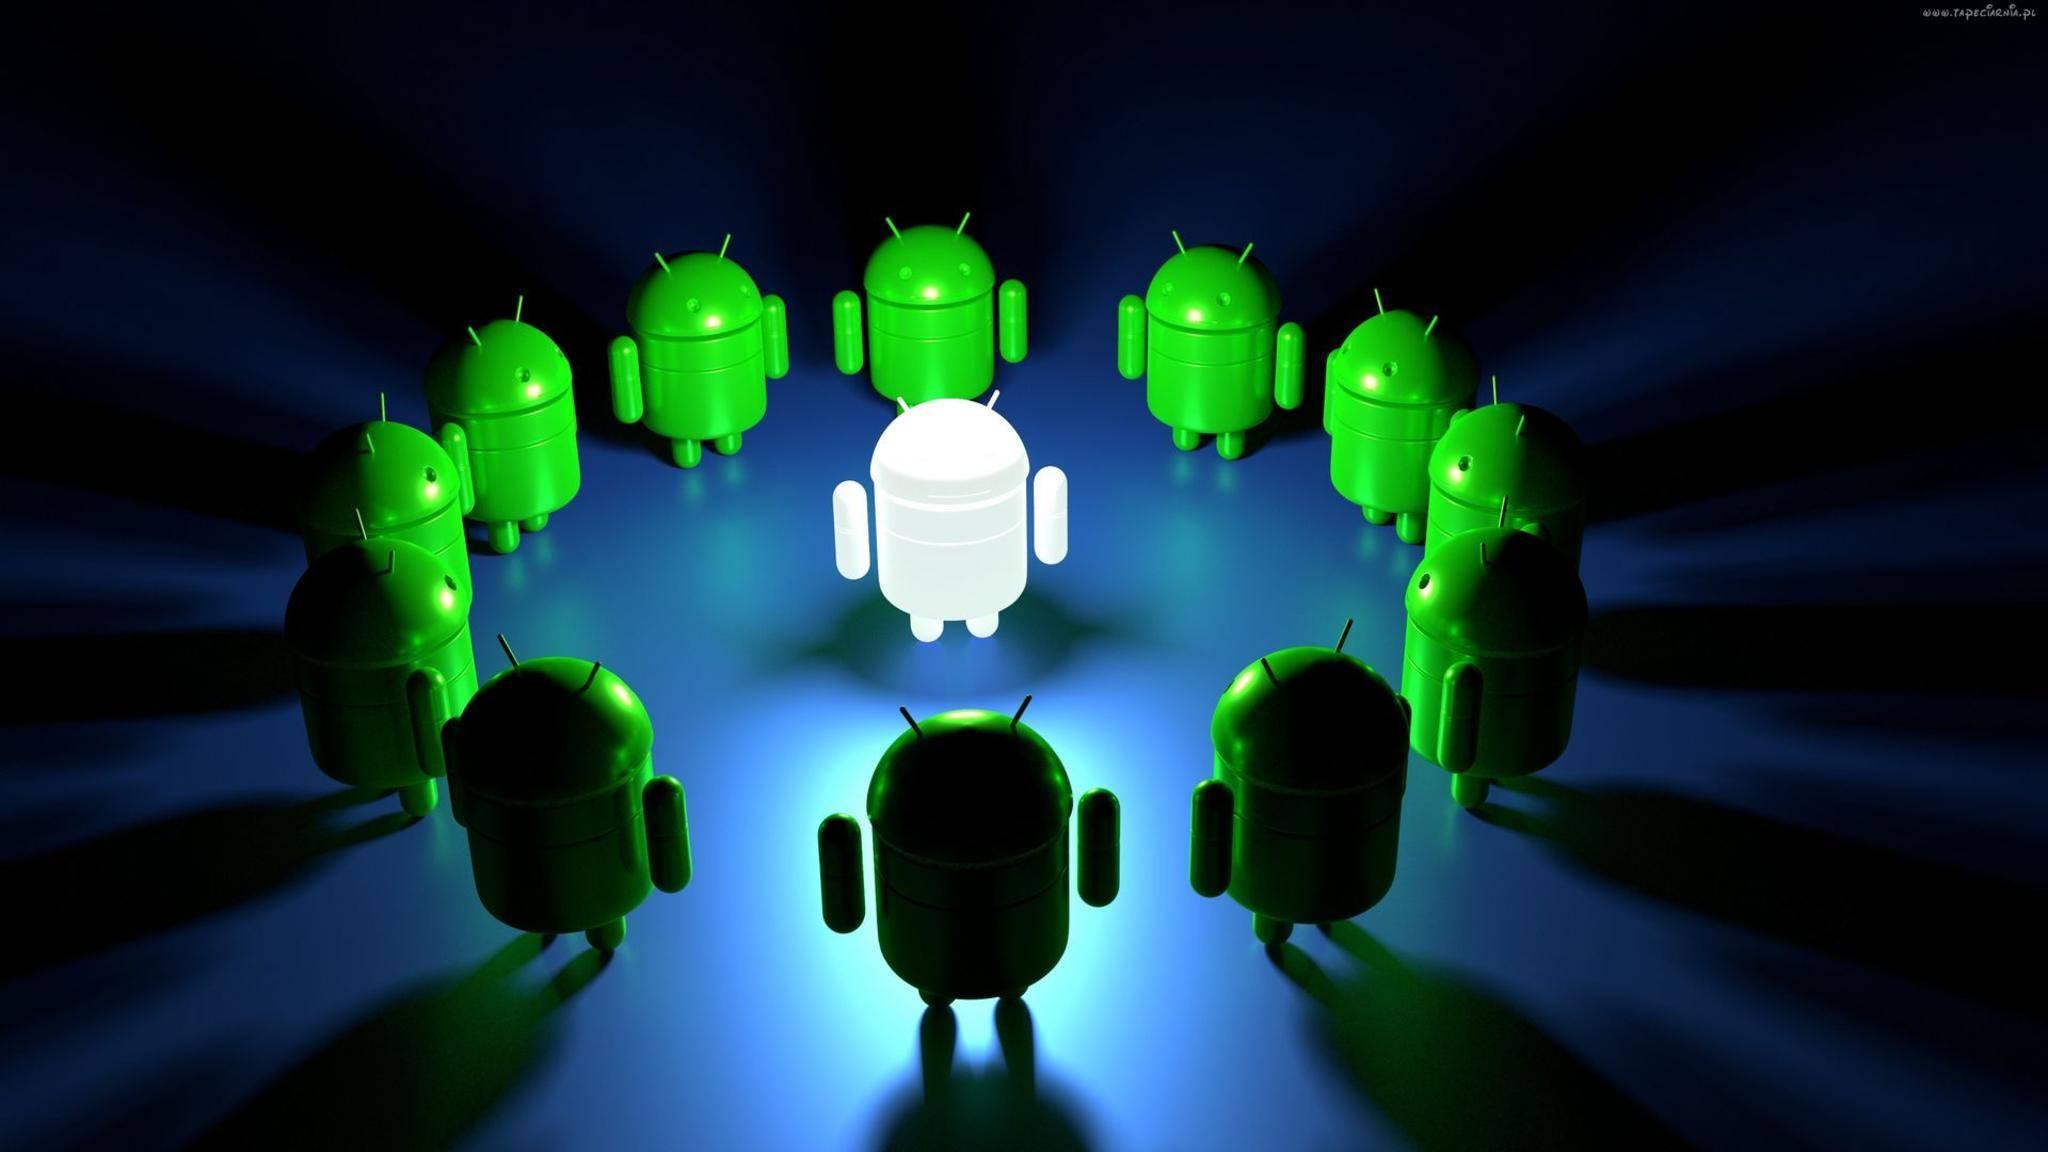 Durch die Verschlüsselung lassen sich die Daten auf einem Android-Gerät schützen.